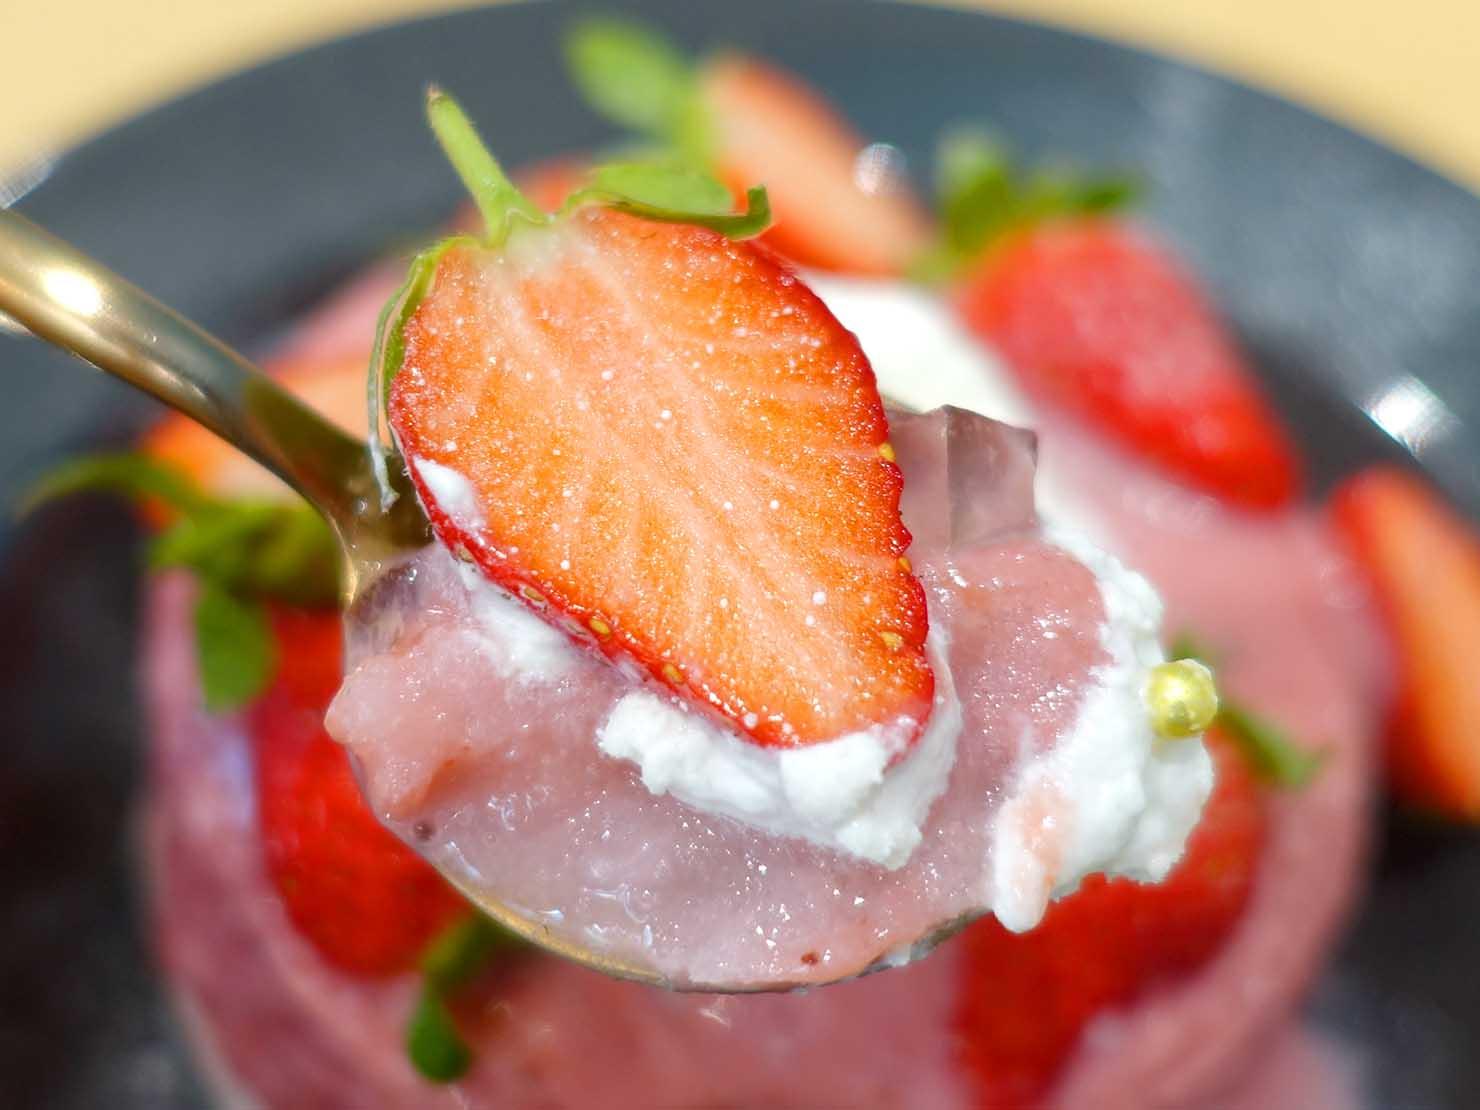 台北・東門エリアのおすすめスイーツ店「金雞母」の冬雪橘酒草莓冰(いちごかき氷)クローズアップ